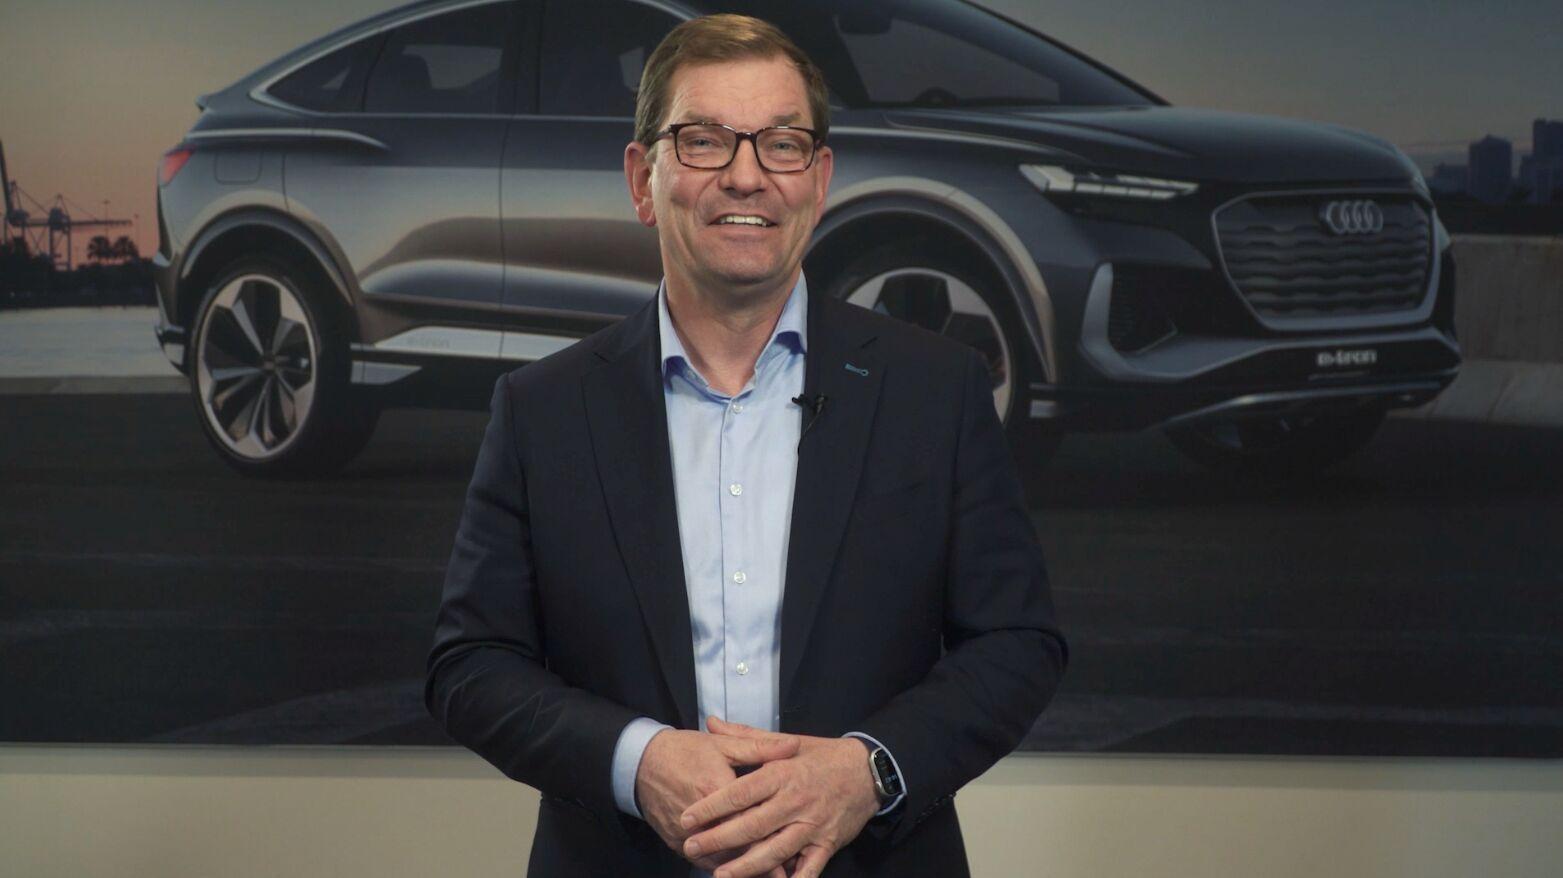 Markus Duesmann, Vorsitzender des Vorstands und Vorstand für Baureihen der AUDI AG, gratuliert unserer Hochschule zum Geburtstag.